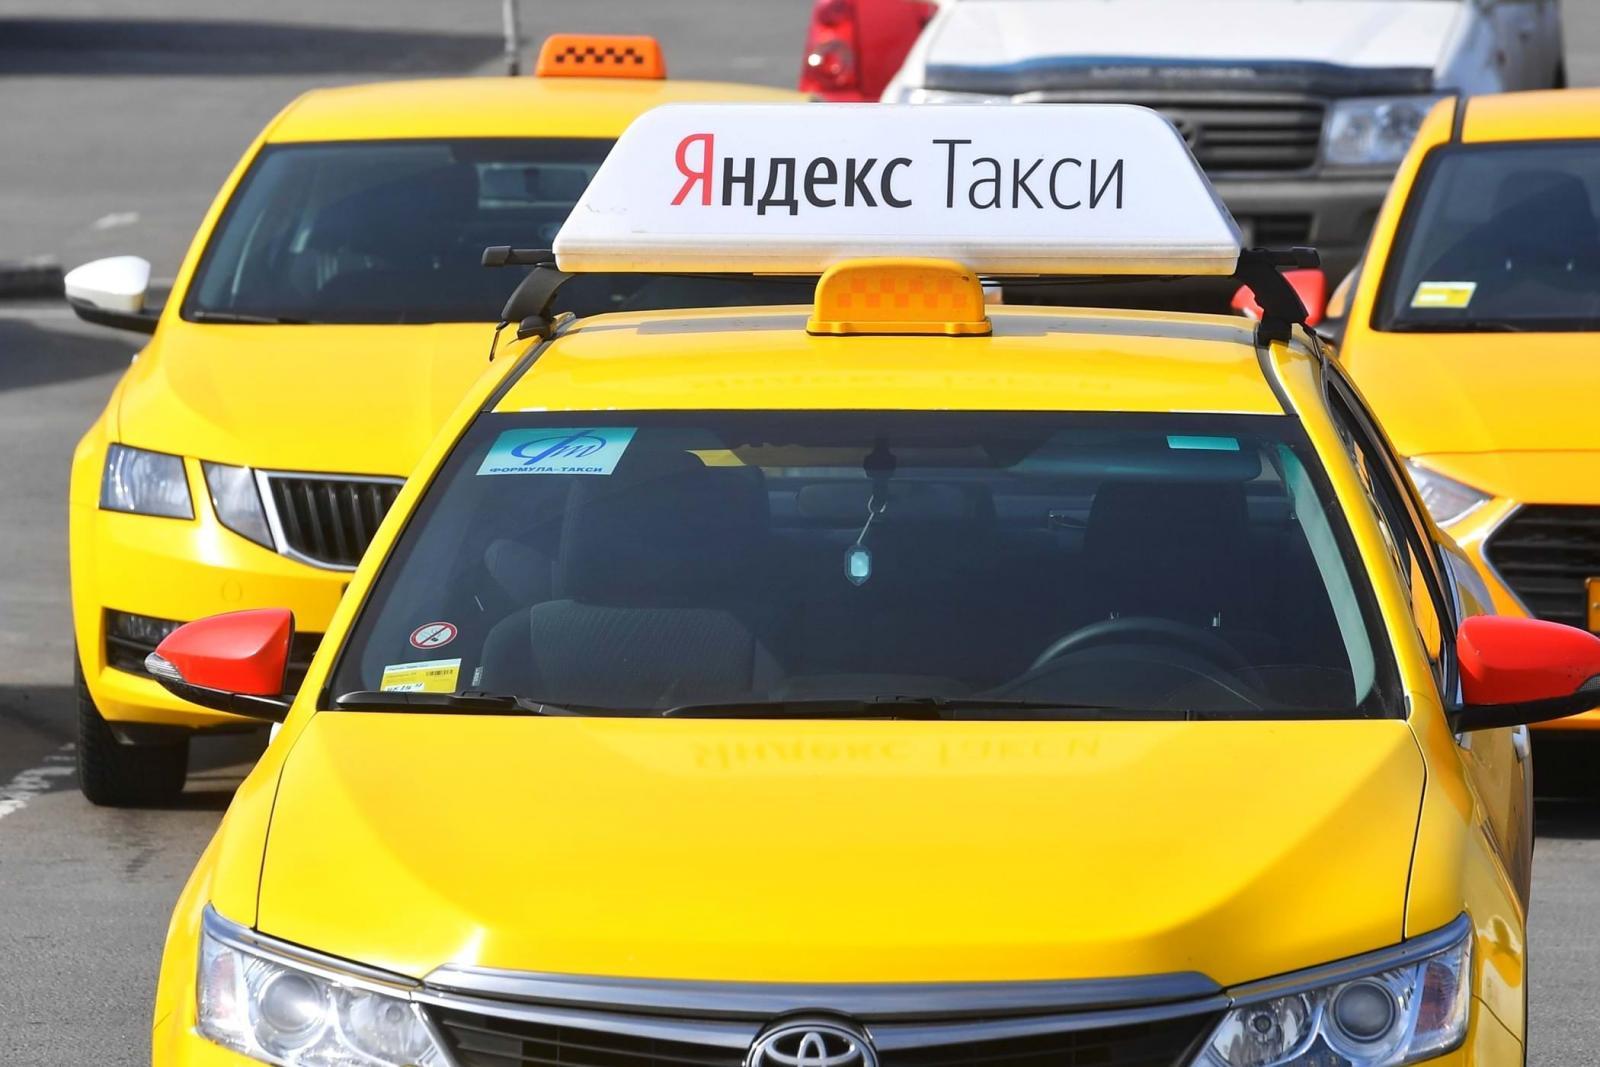 В Брянске таксисты устроили забастовку